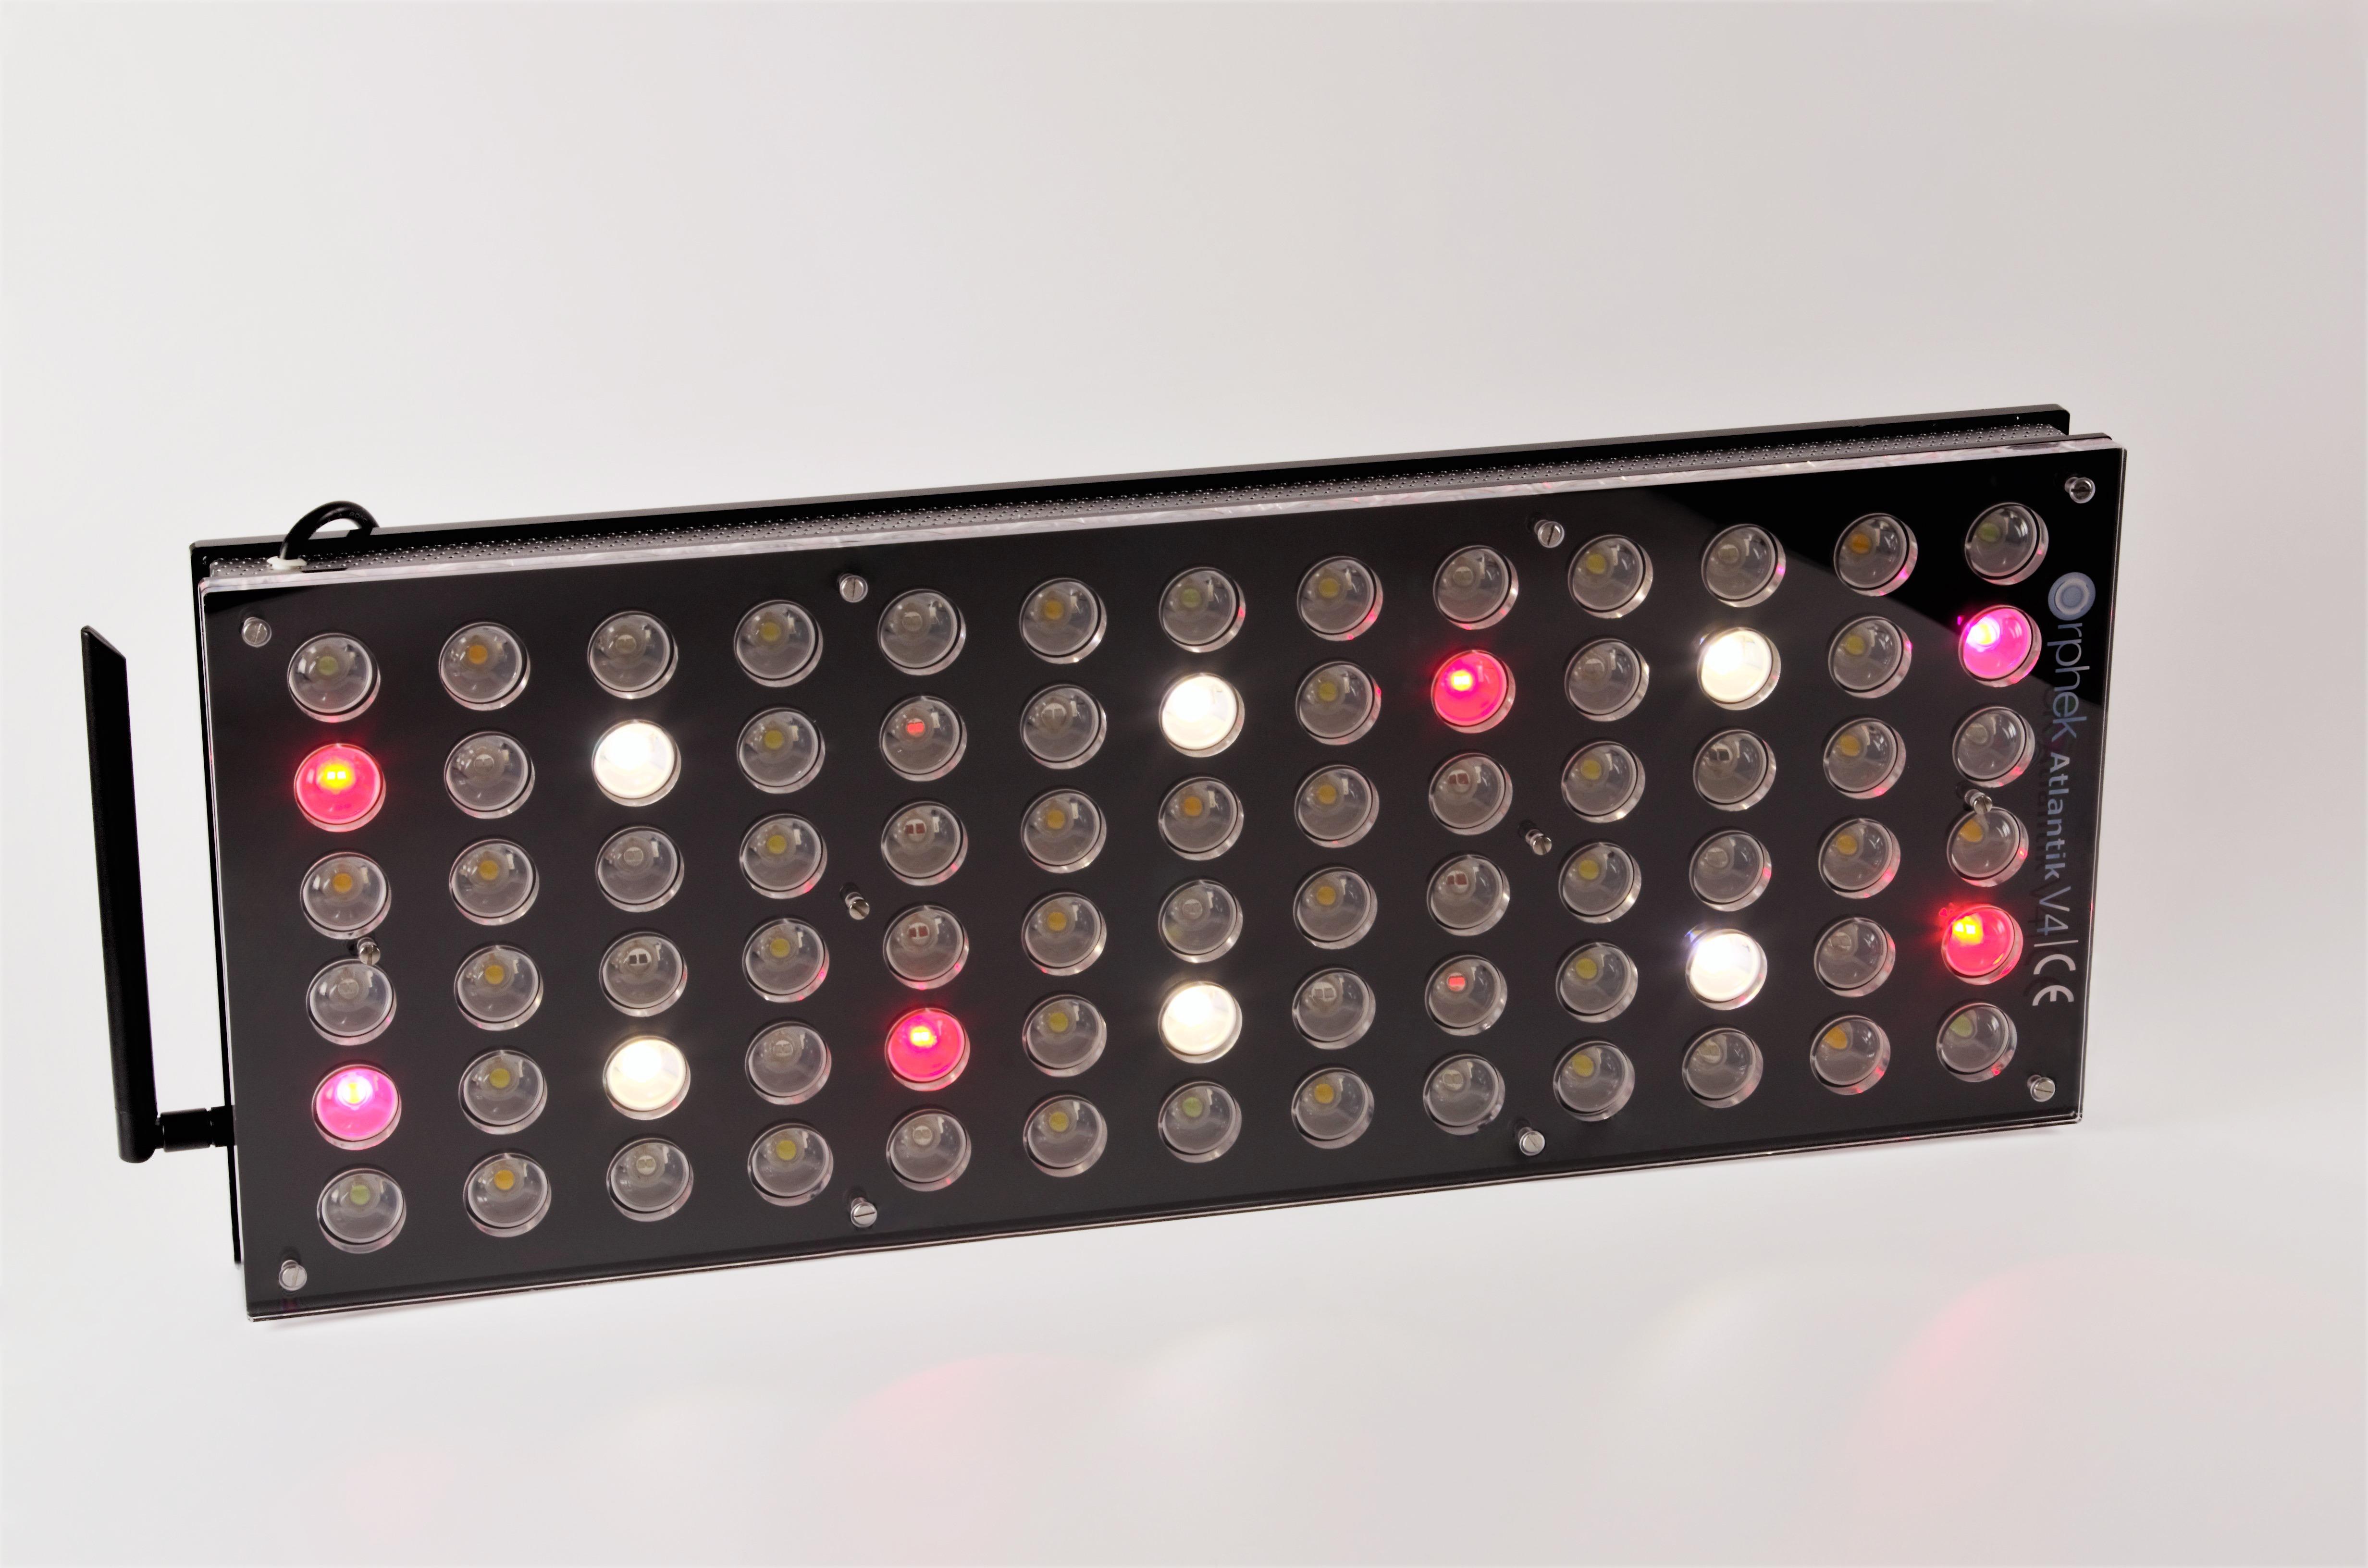 আটলান্টিক ভিক্সইক্সএক্স টাওয়ারওয়াটার অ্যাকোয়ারিয়ামস LED হাল্কা CH4 রোপণ করেছে